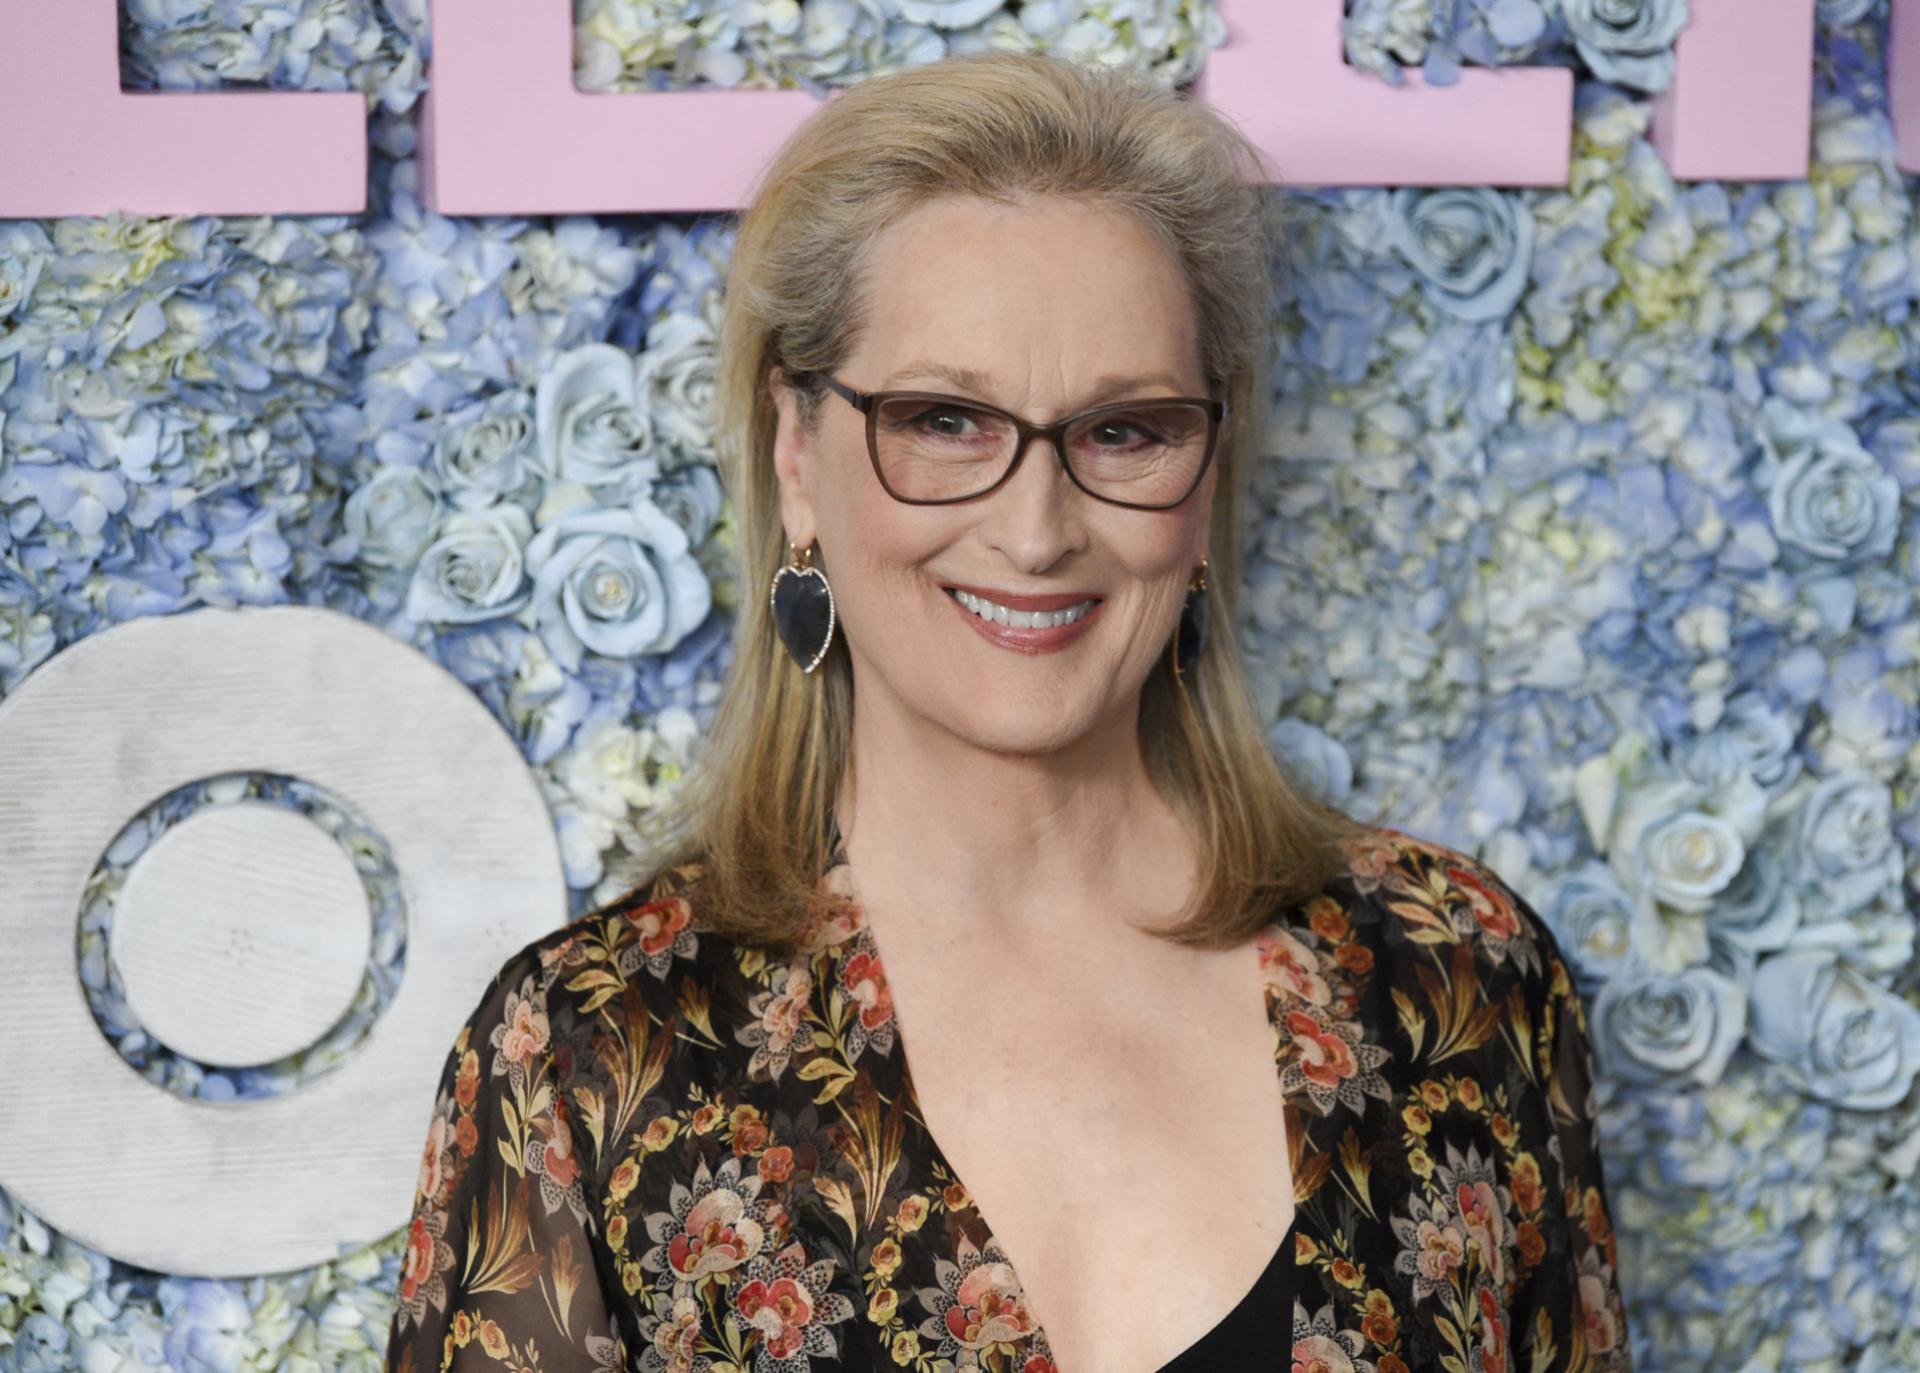 Meryl Streep con una melena clavicut o a la altura de la clavícula.